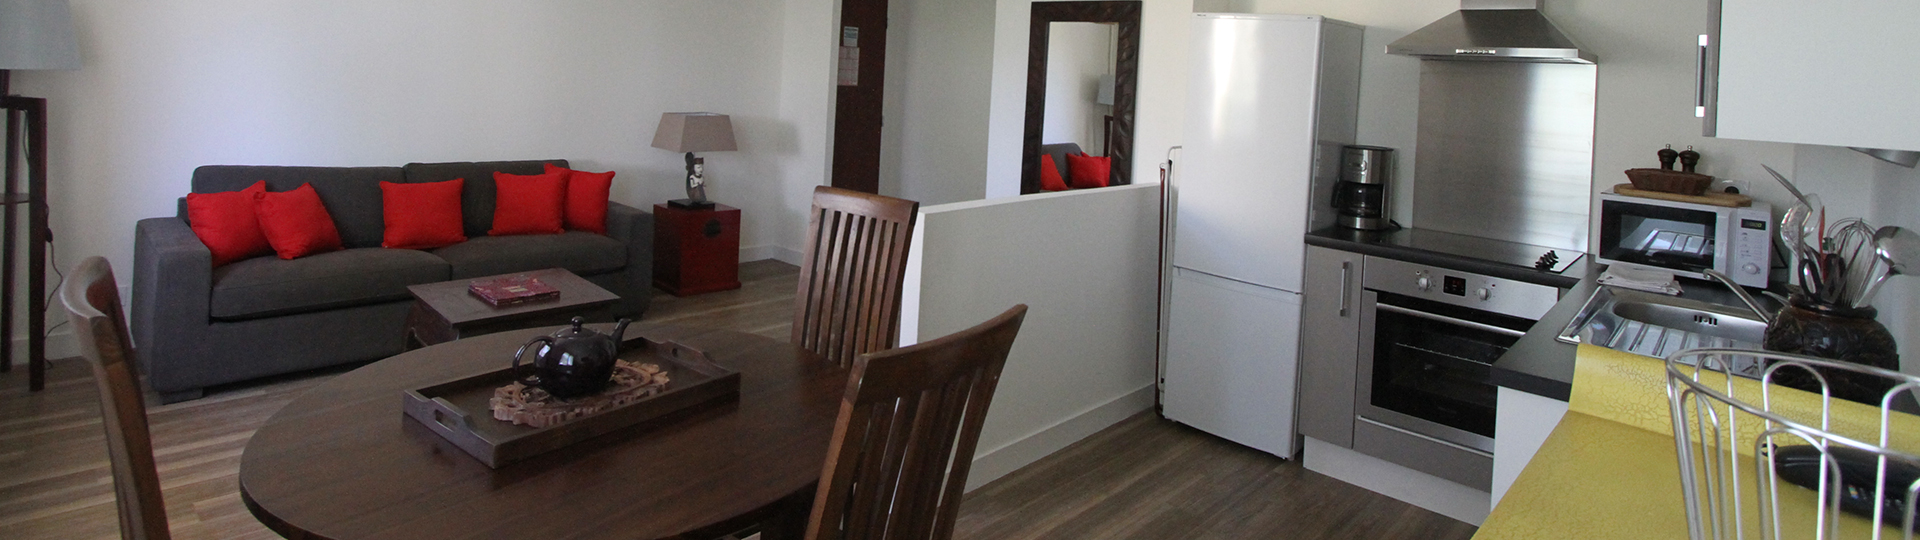 Appartement 1 chambre mobilité